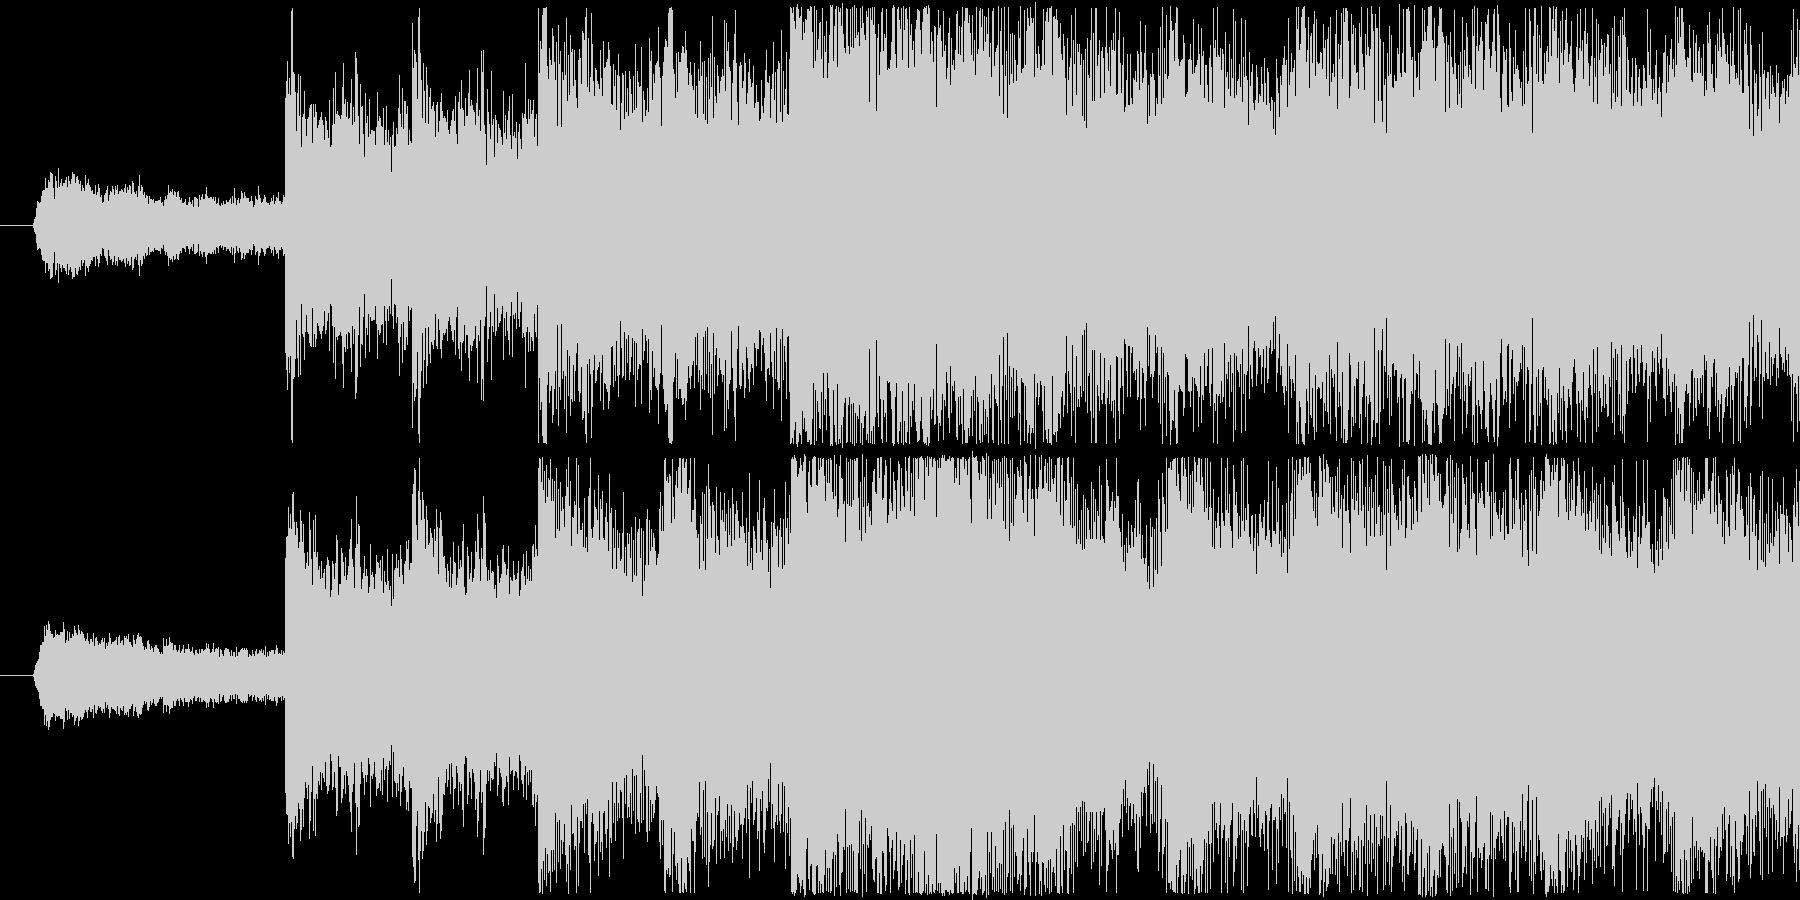 シンセを使用した怪しい雰囲気のサウンド…の未再生の波形